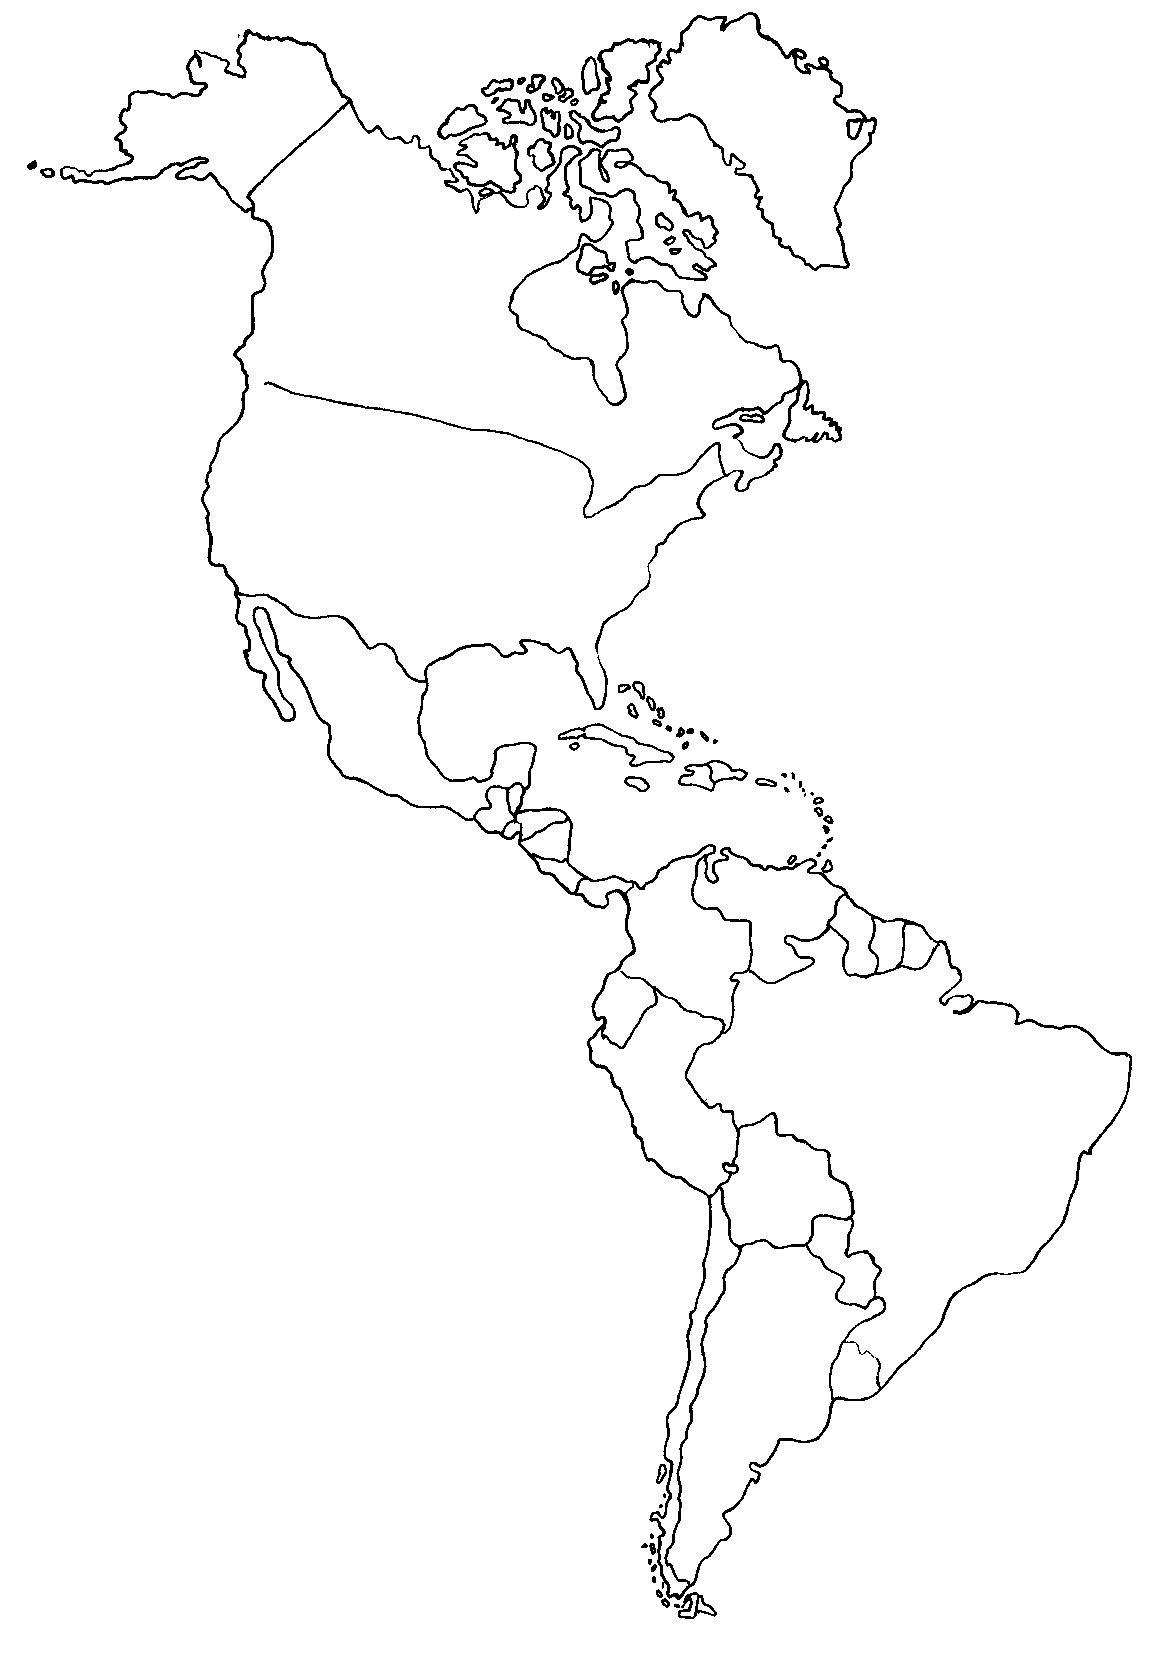 Mapa de continente americano ...